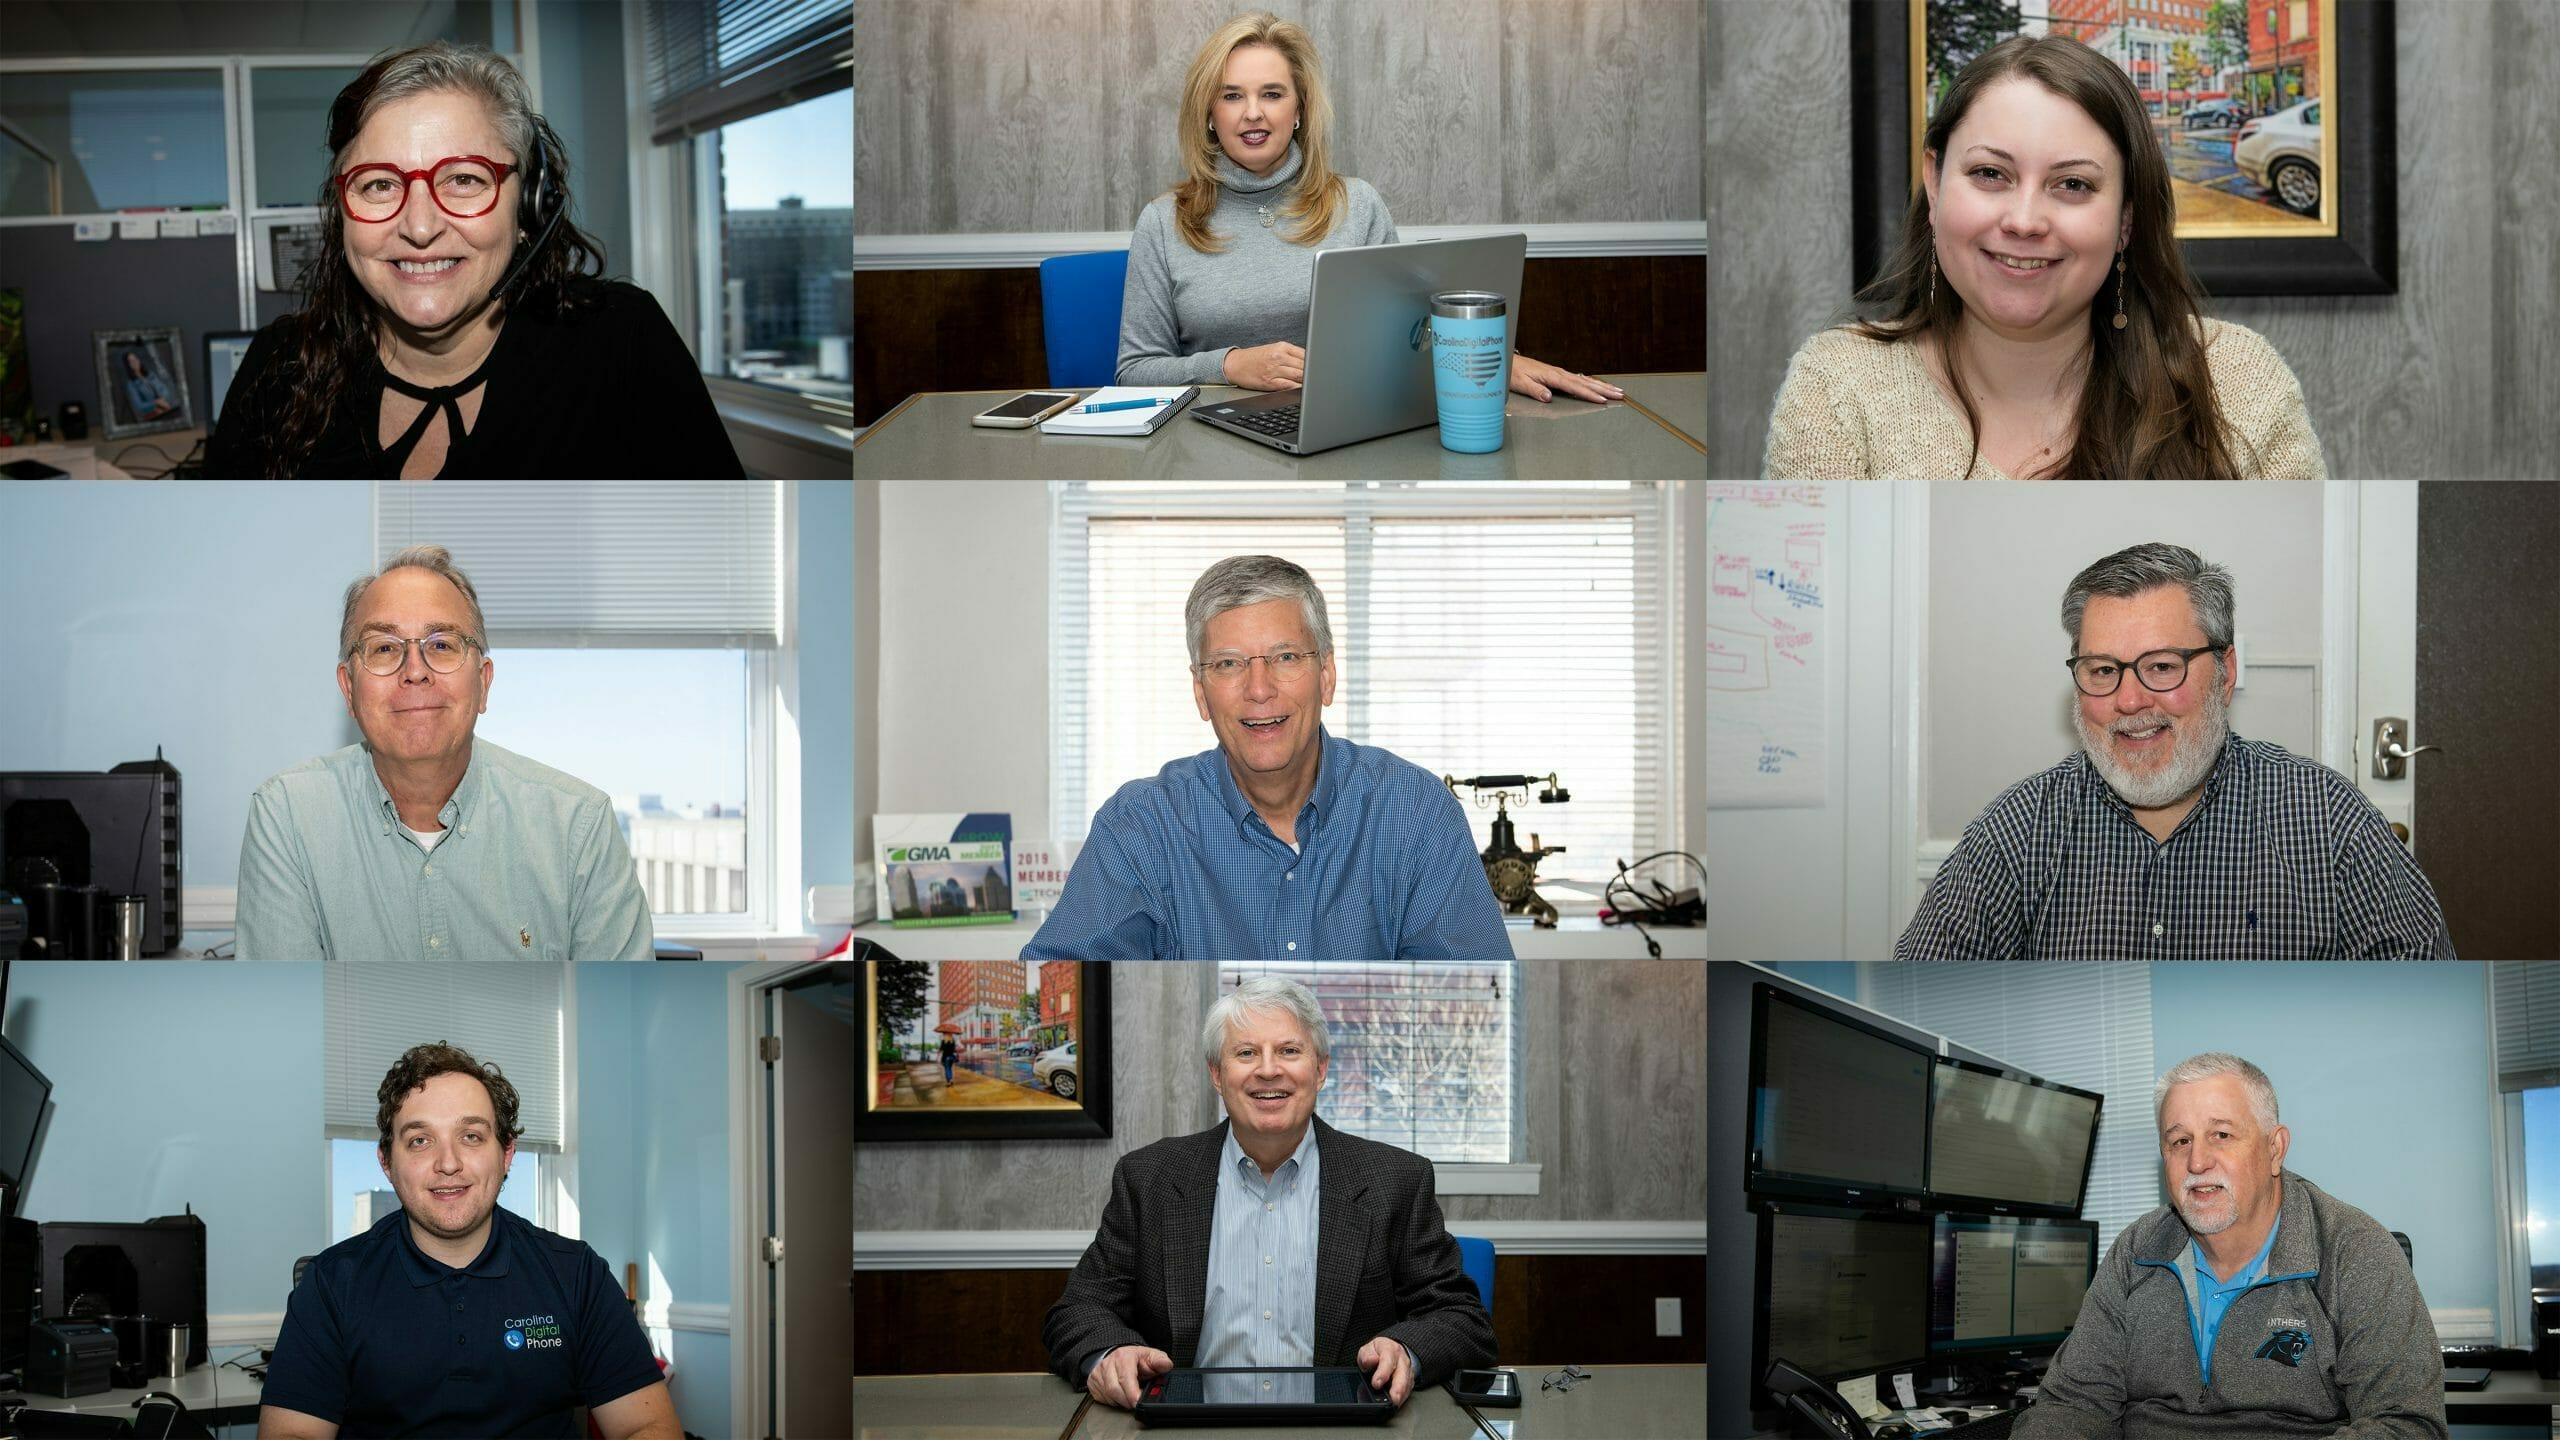 webinars video conferencing